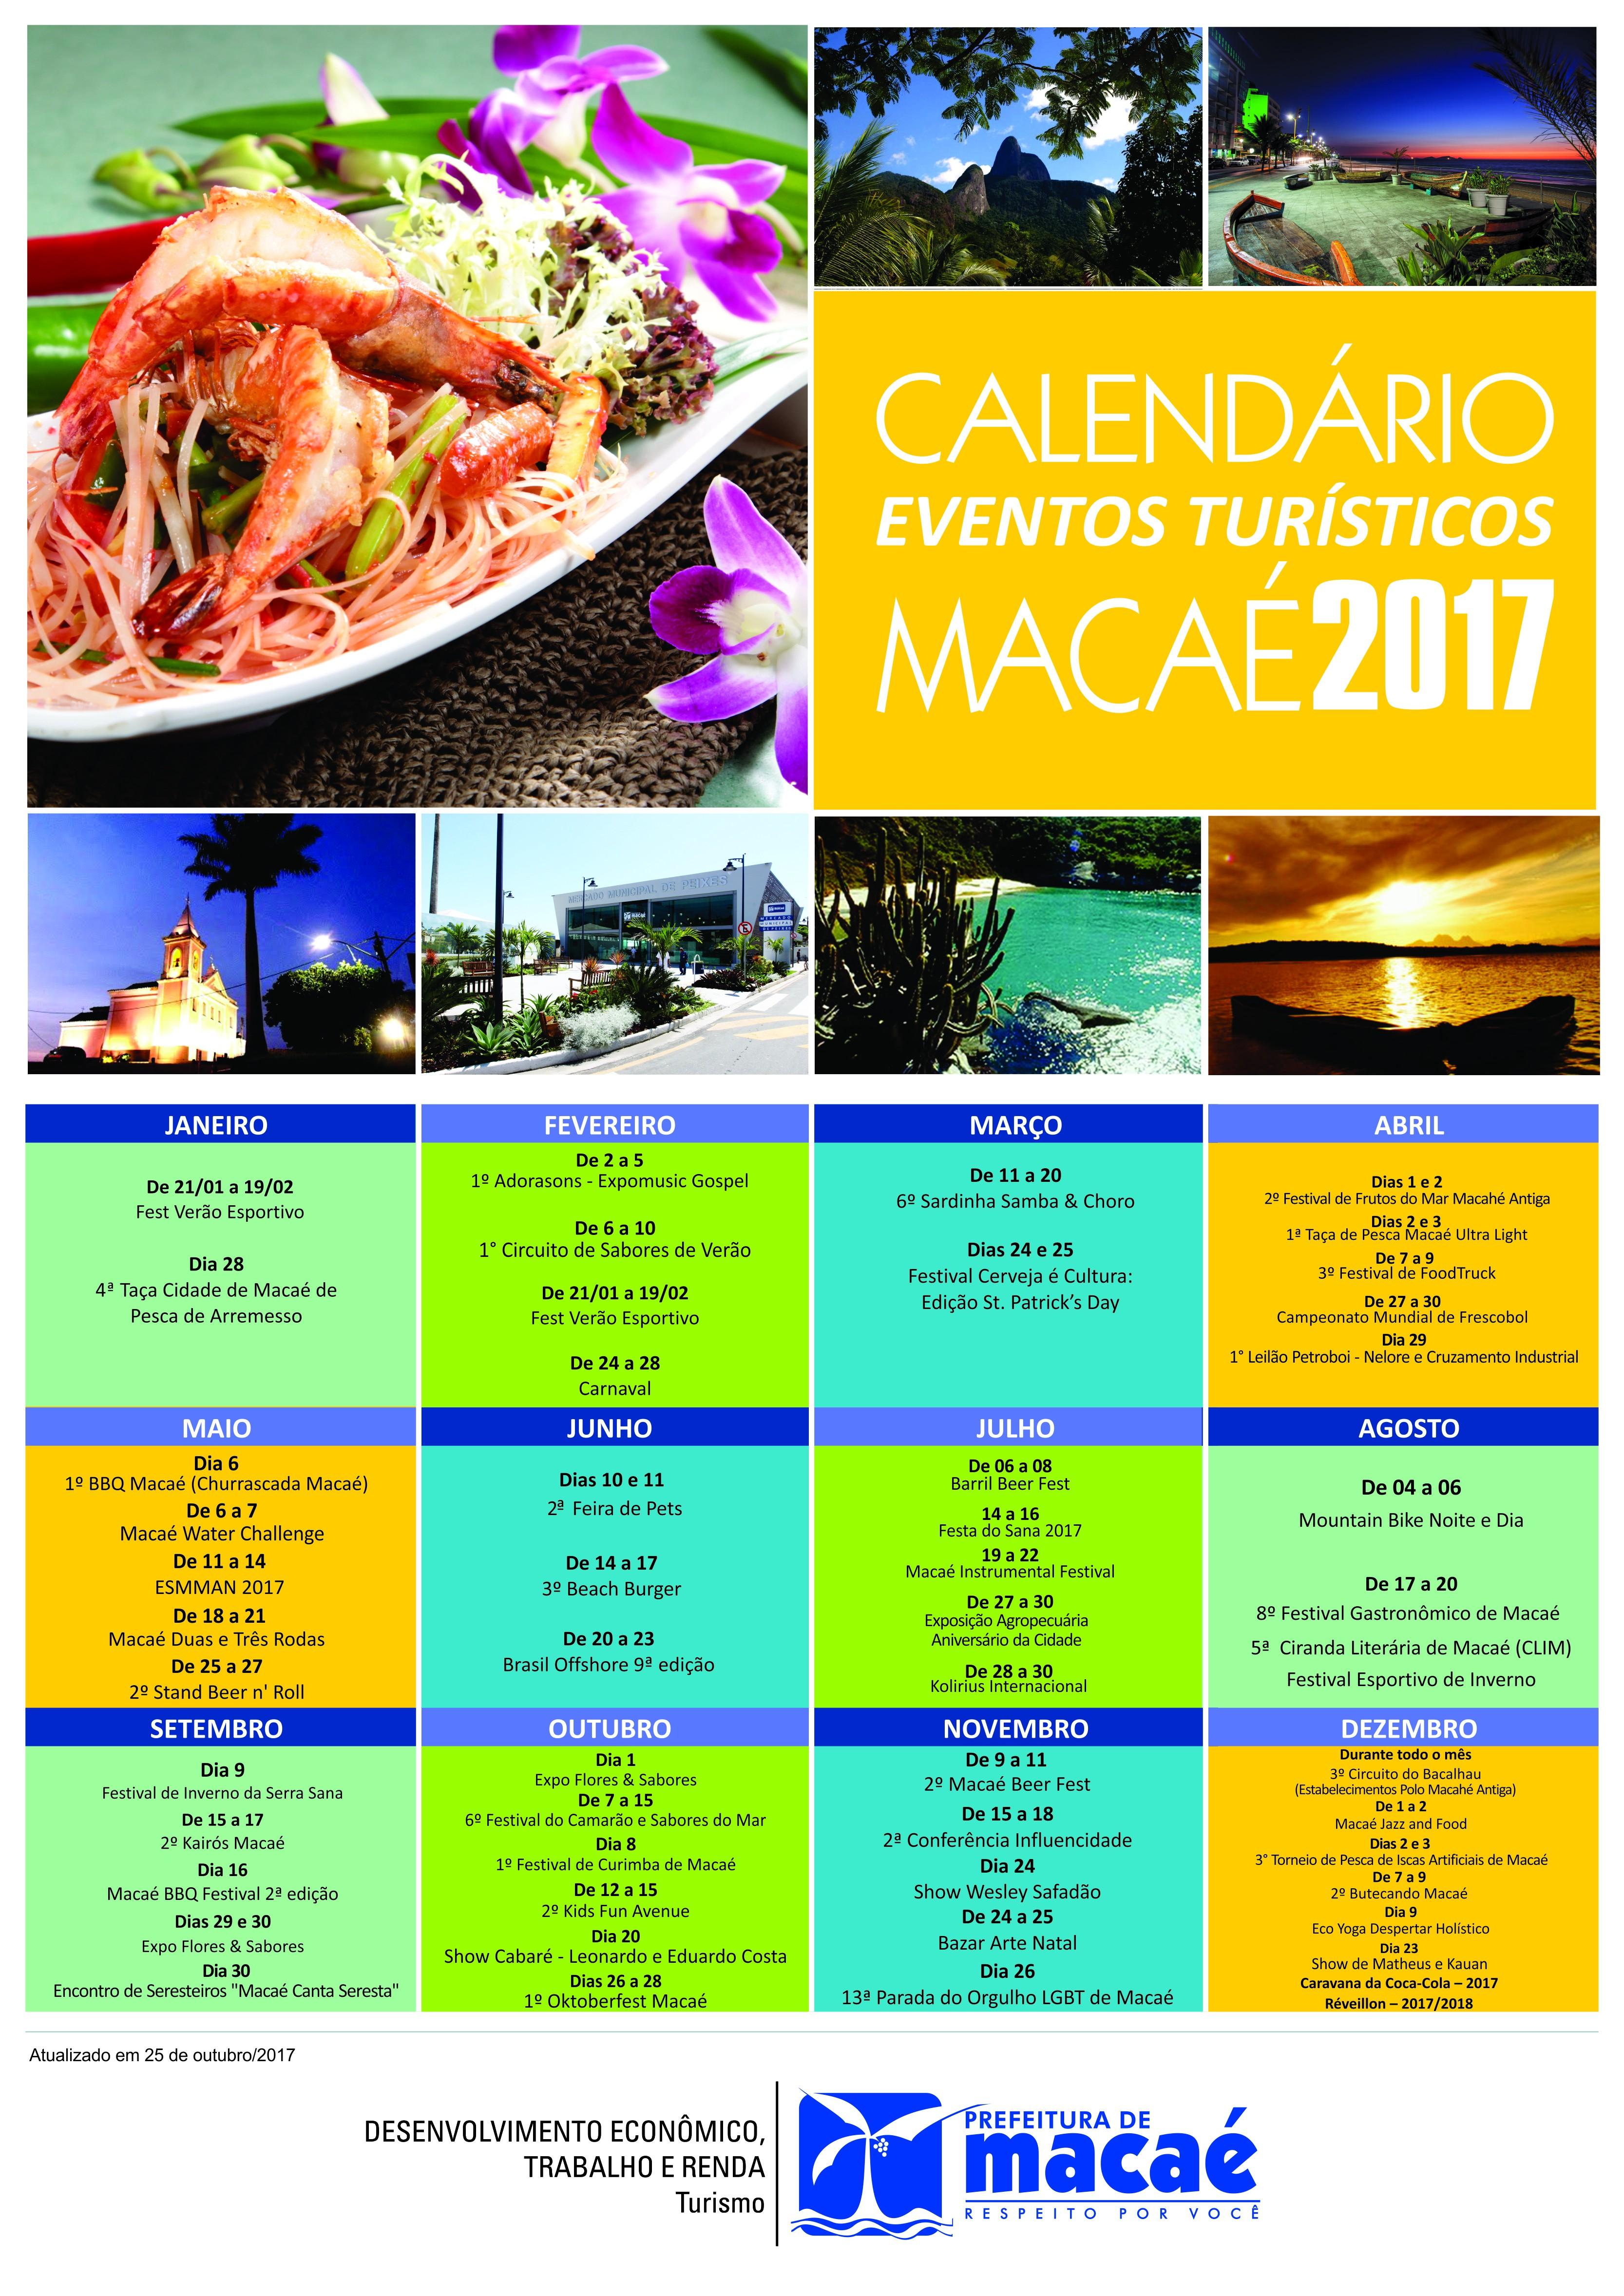 CALENDRIO DE EVENTOS MACAé 2017 novo os 1424 25